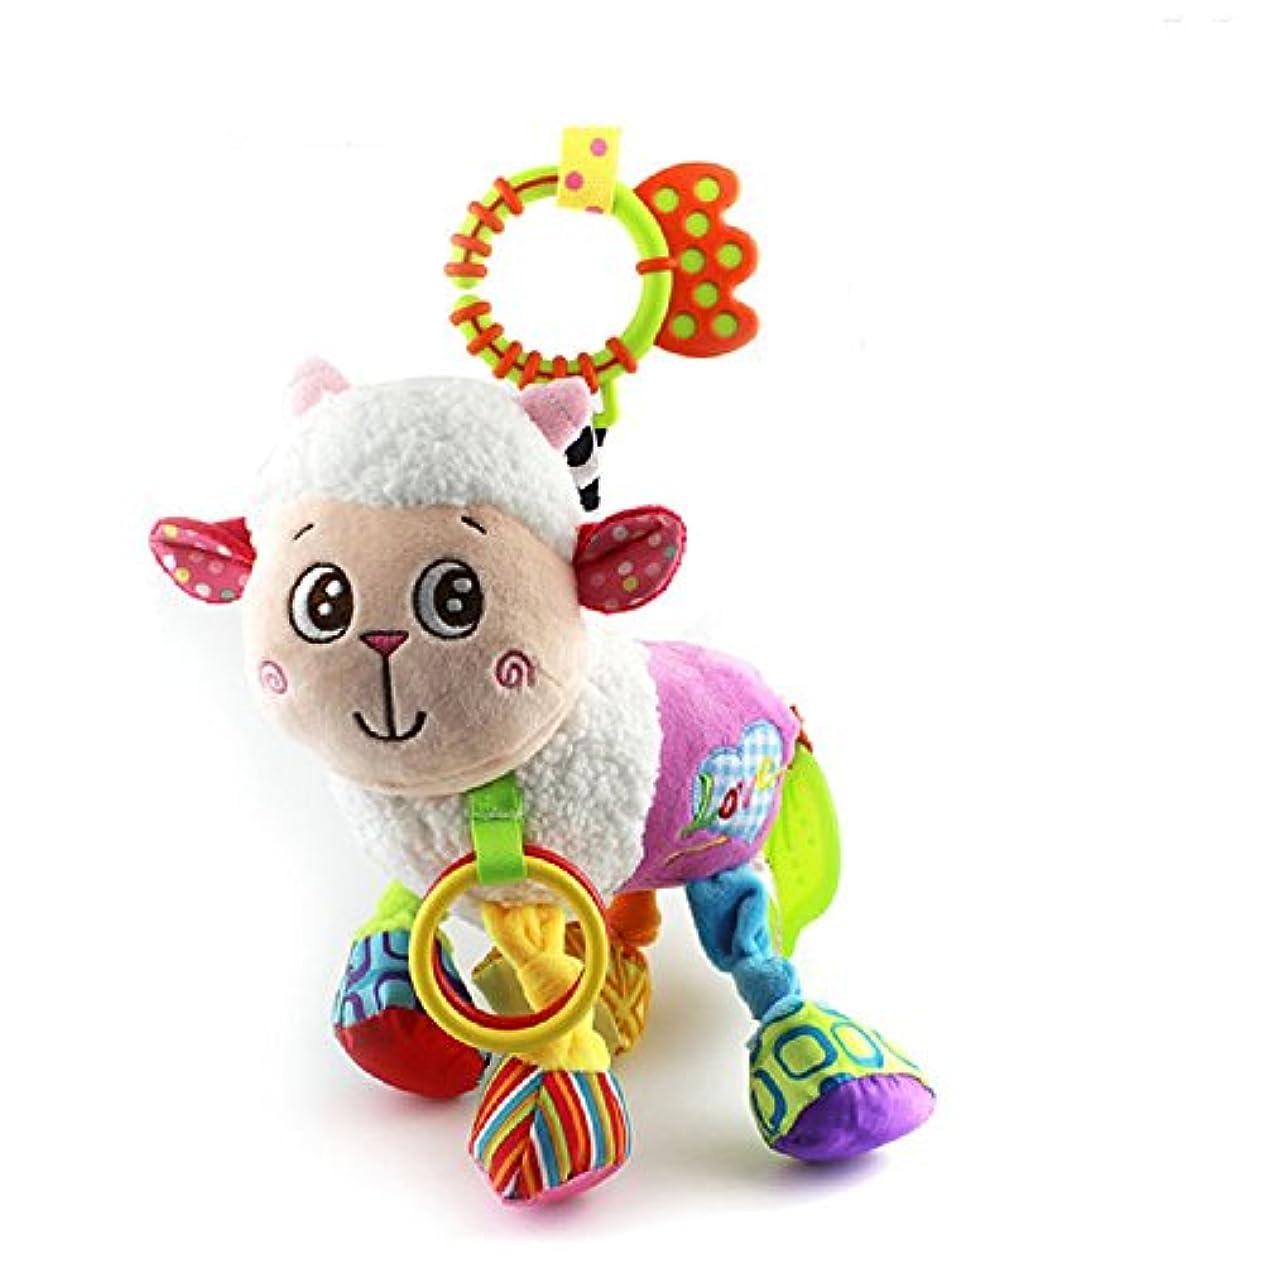 取り囲む歩行者ピッチベビーカー用おもちゃ ベビーベッド用 ぬいぐるみ ハンギングトイ 音鳴り 歯固め フック付き 可愛い動物玩具 出産お祝い プレゼント ひつじ